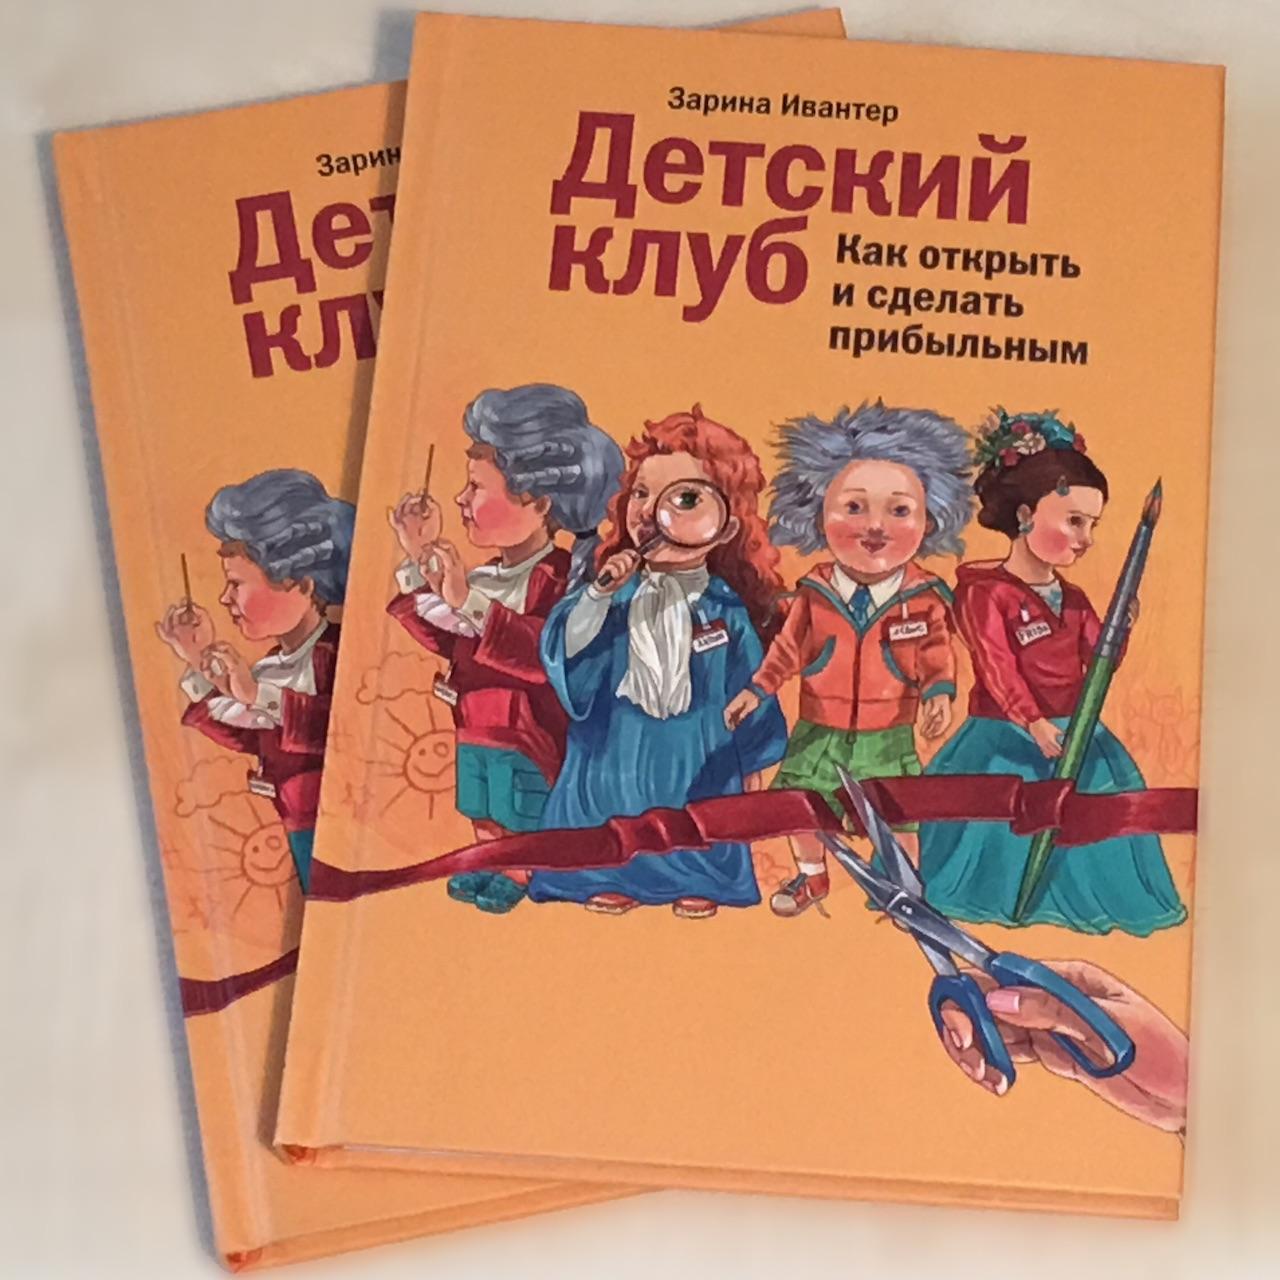 Детский клуб как открыть и сделать прибыльным читать